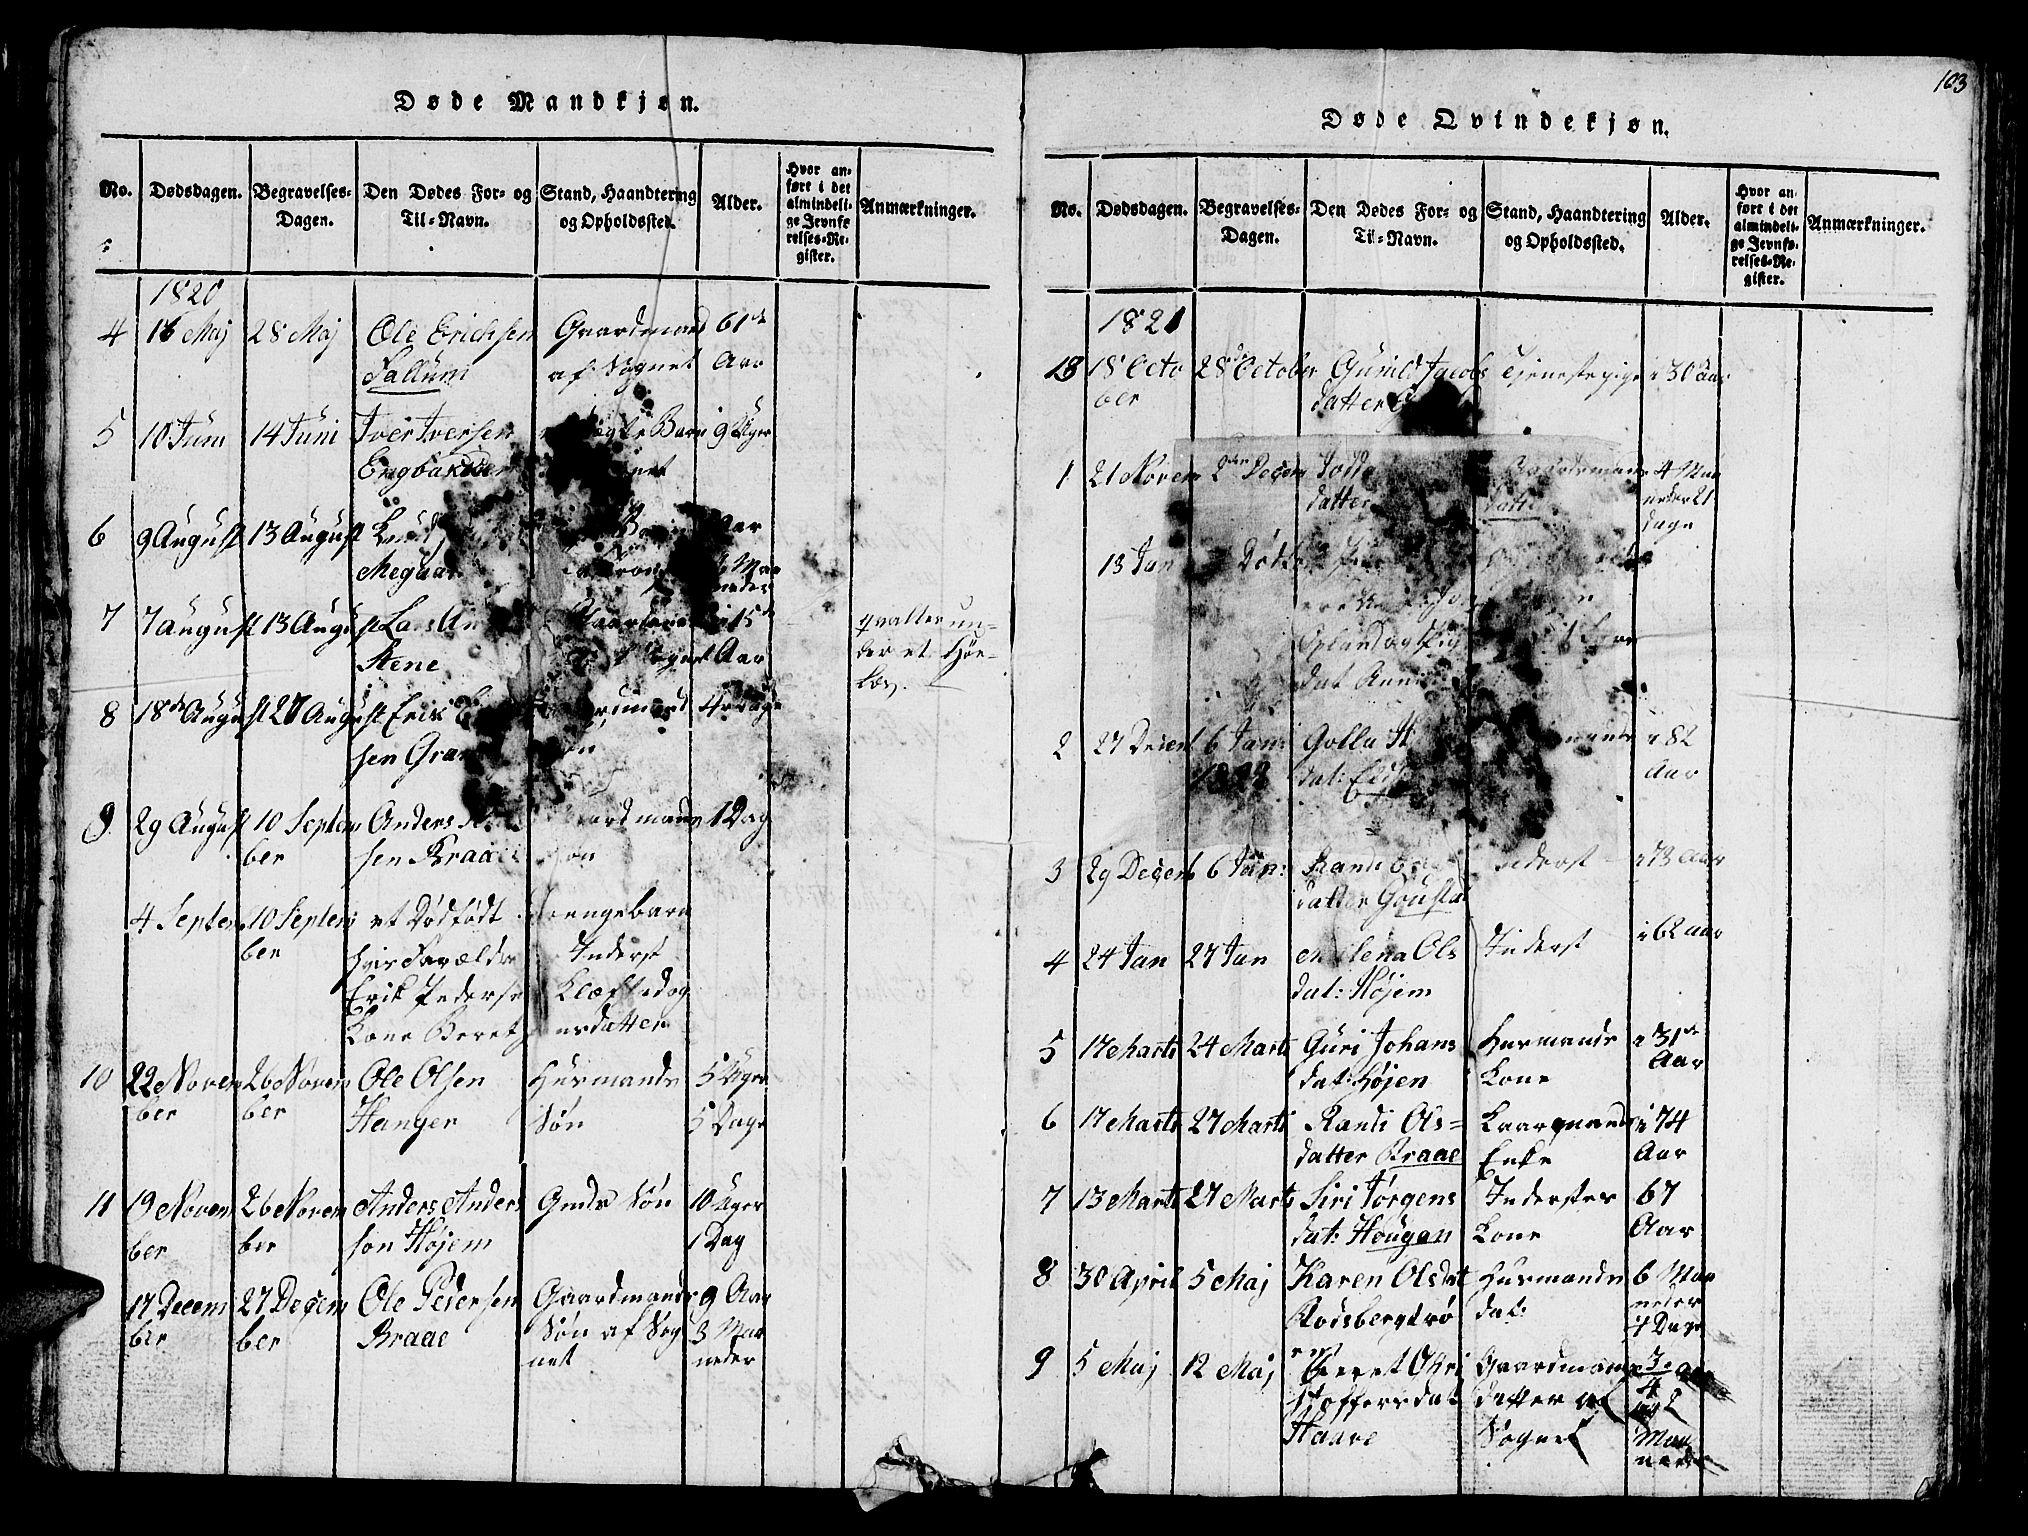 SAT, Ministerialprotokoller, klokkerbøker og fødselsregistre - Sør-Trøndelag, 612/L0385: Klokkerbok nr. 612C01, 1816-1845, s. 103